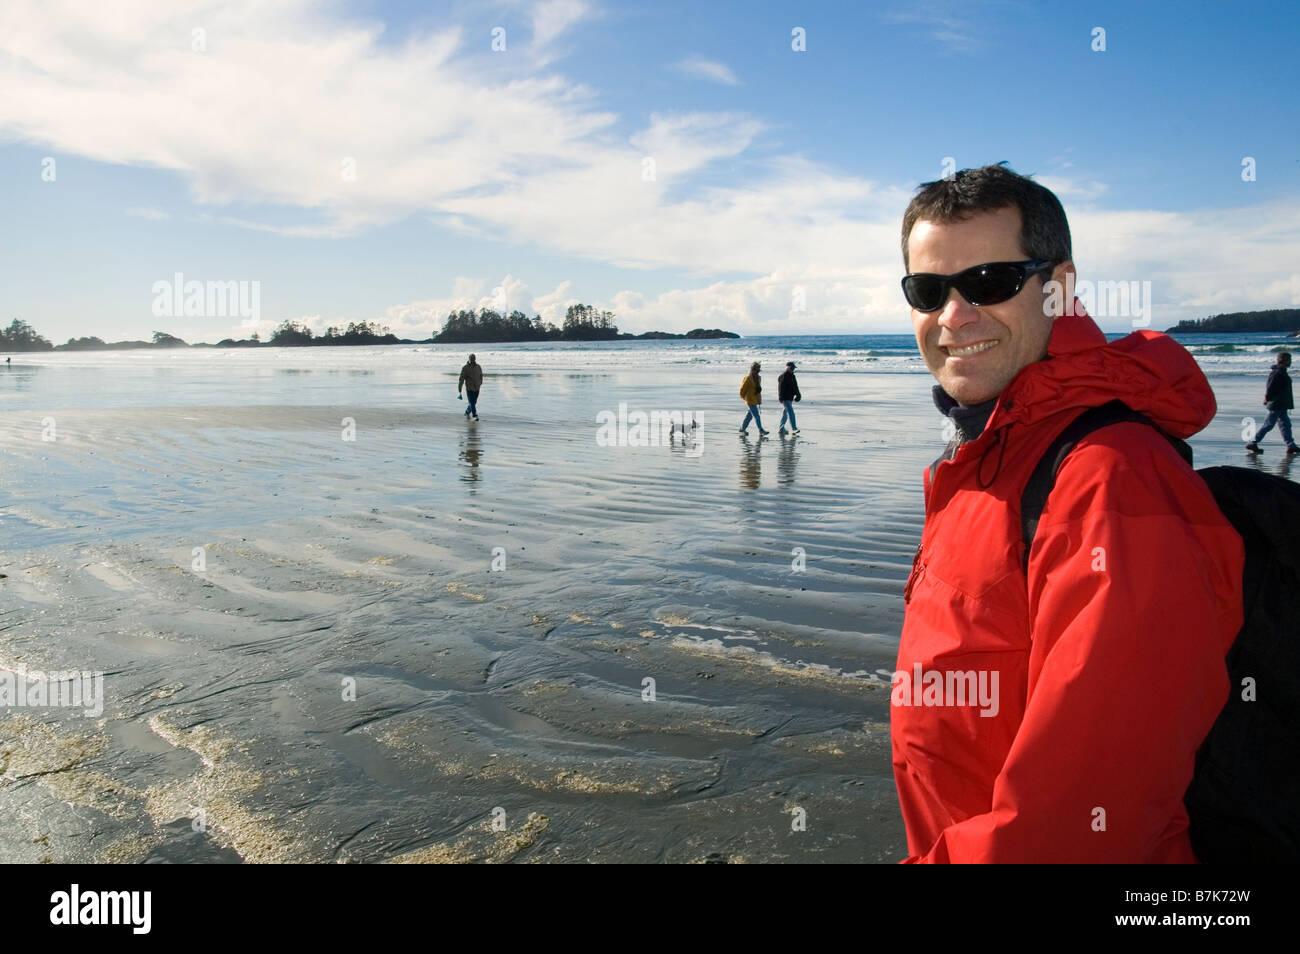 Hombre paseando por la playa, la playa Chesterman, Tofino, Isla de Vancouver, BC Imagen De Stock